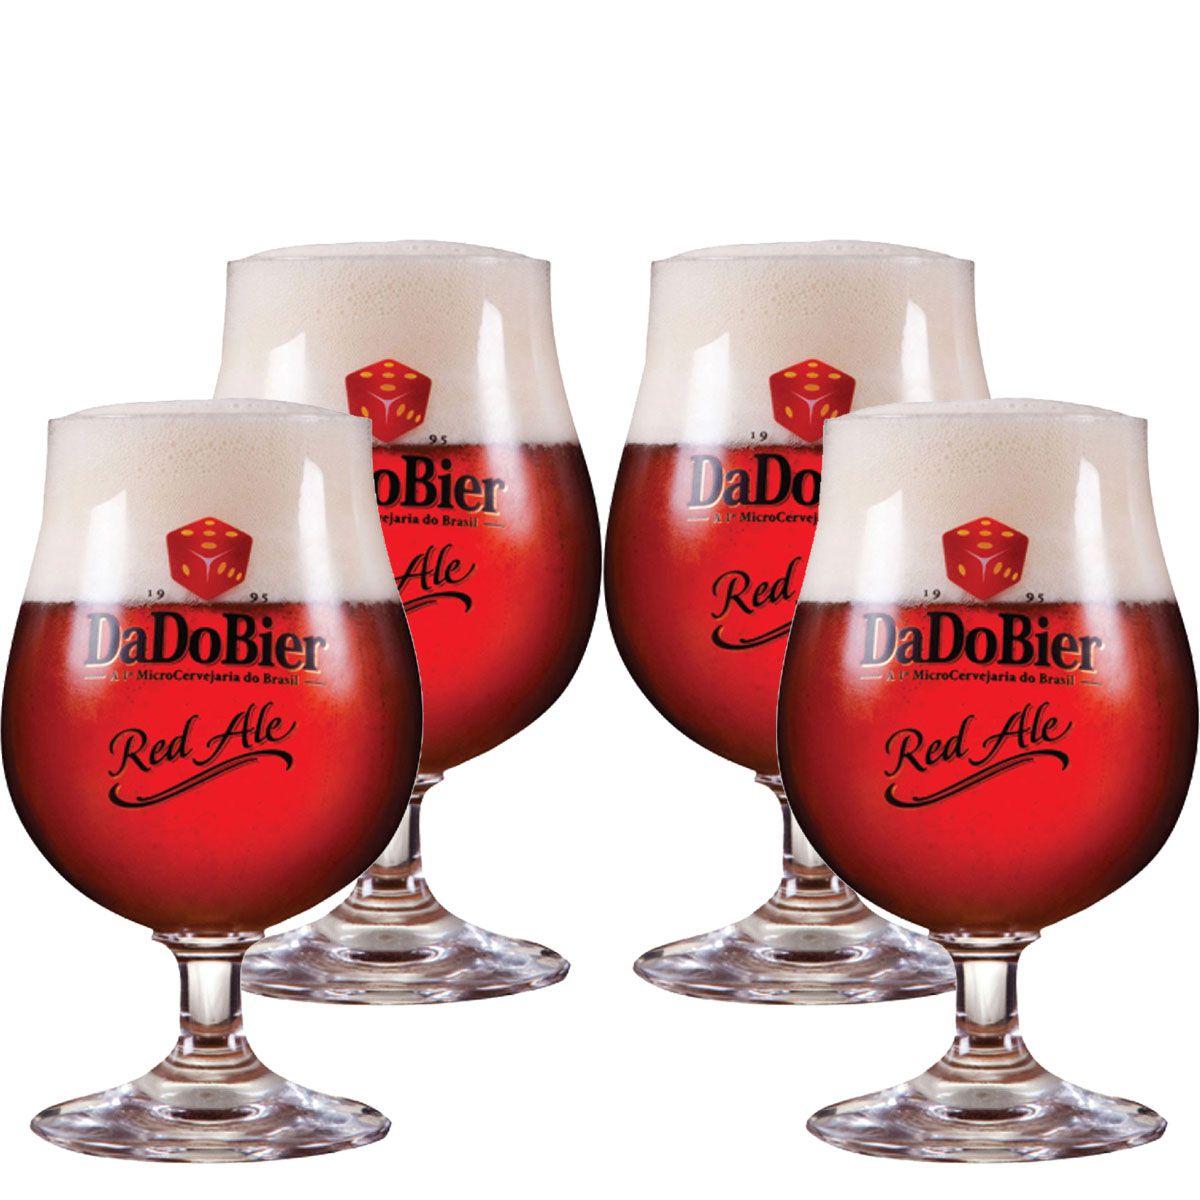 Jogo de Taças de Cerveja Cristal Dado Bier Red Ale 400ml 4 Pcs